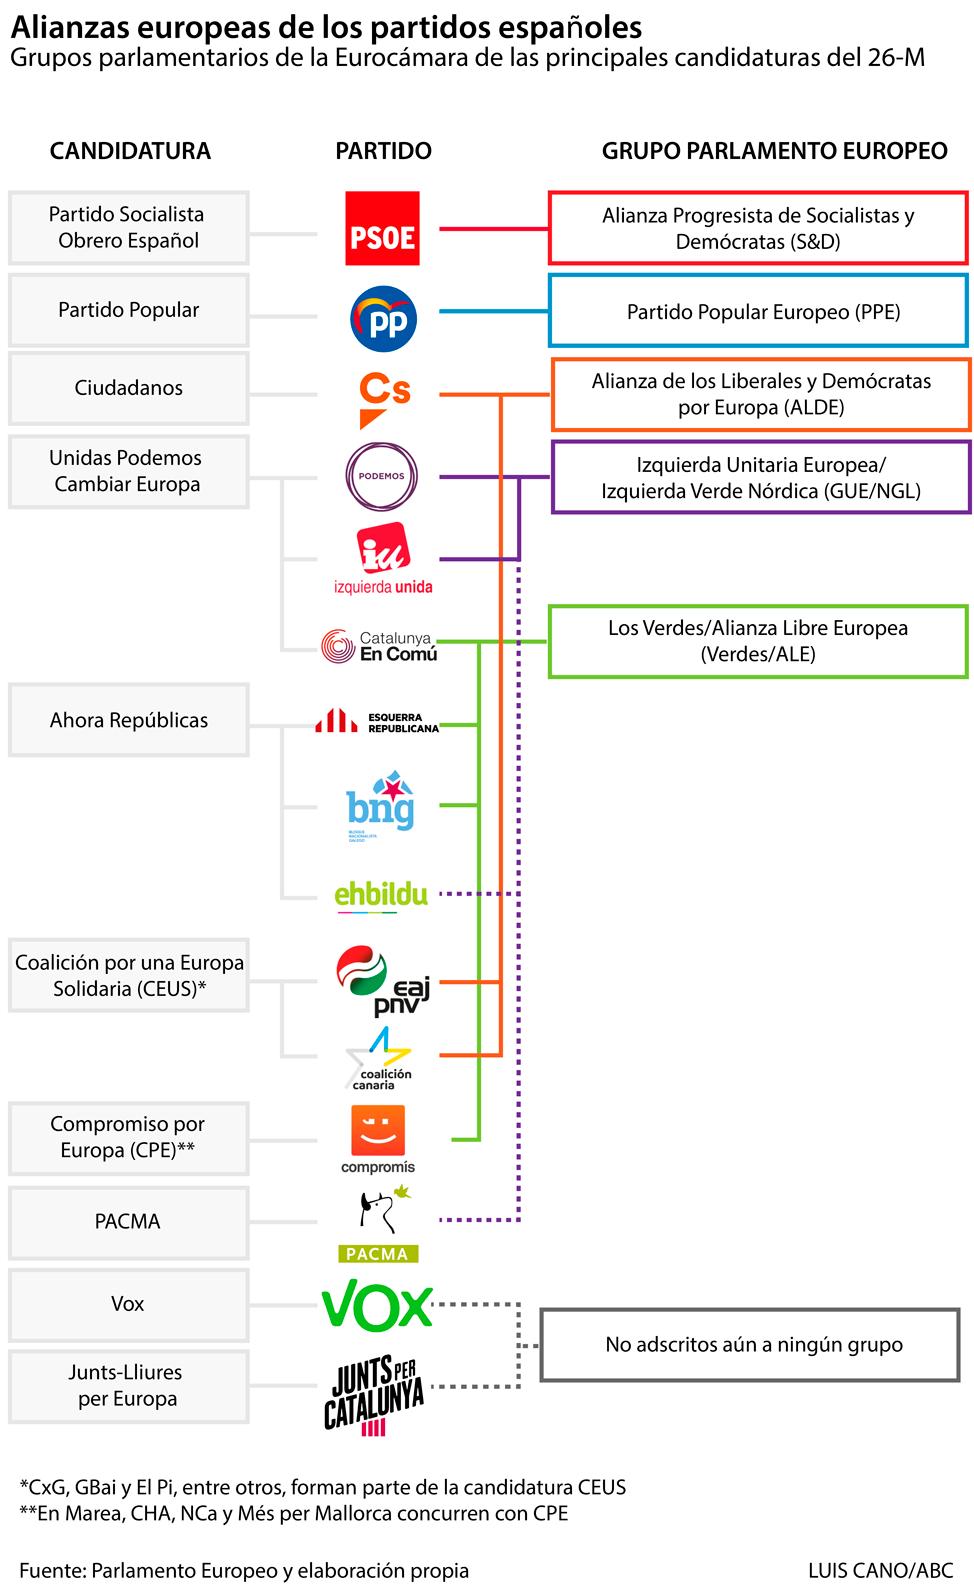 ¿Adónde va tu voto en las elecciones europeas?: Alianzas de los partidos españoles en la UE